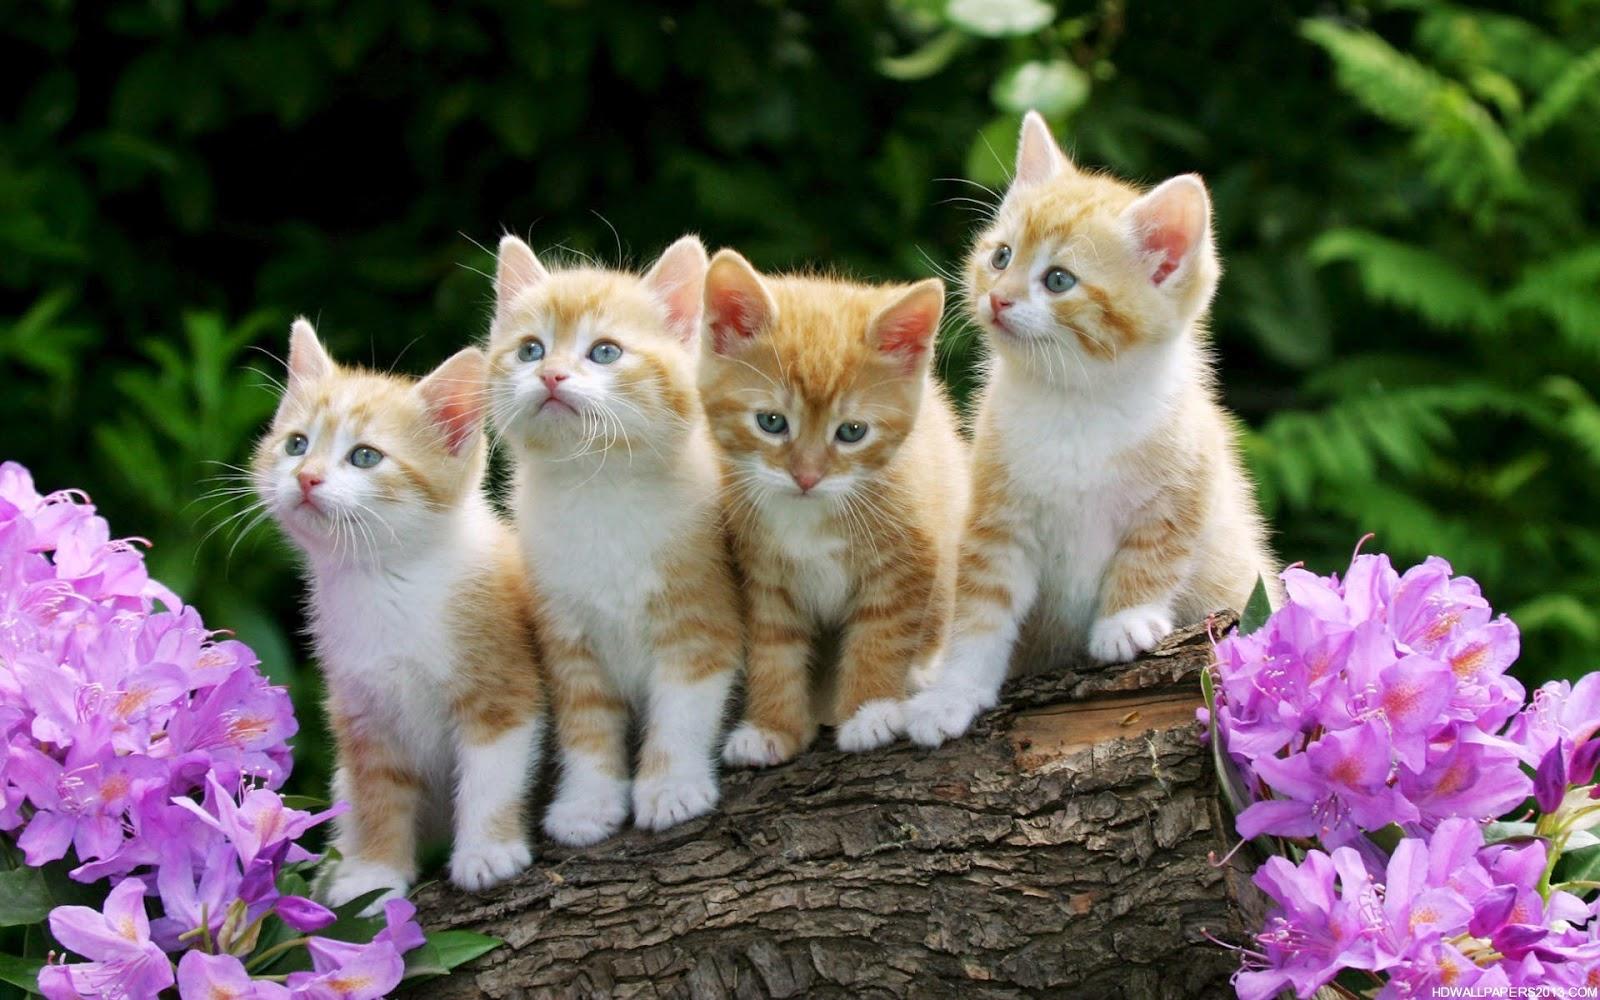 fef5363af689 Οι γάτες εμβολιάζονται κατά πέντε νοσημάτων (σύνδρομο ανώτερου  αναπνευστικού της γάτας